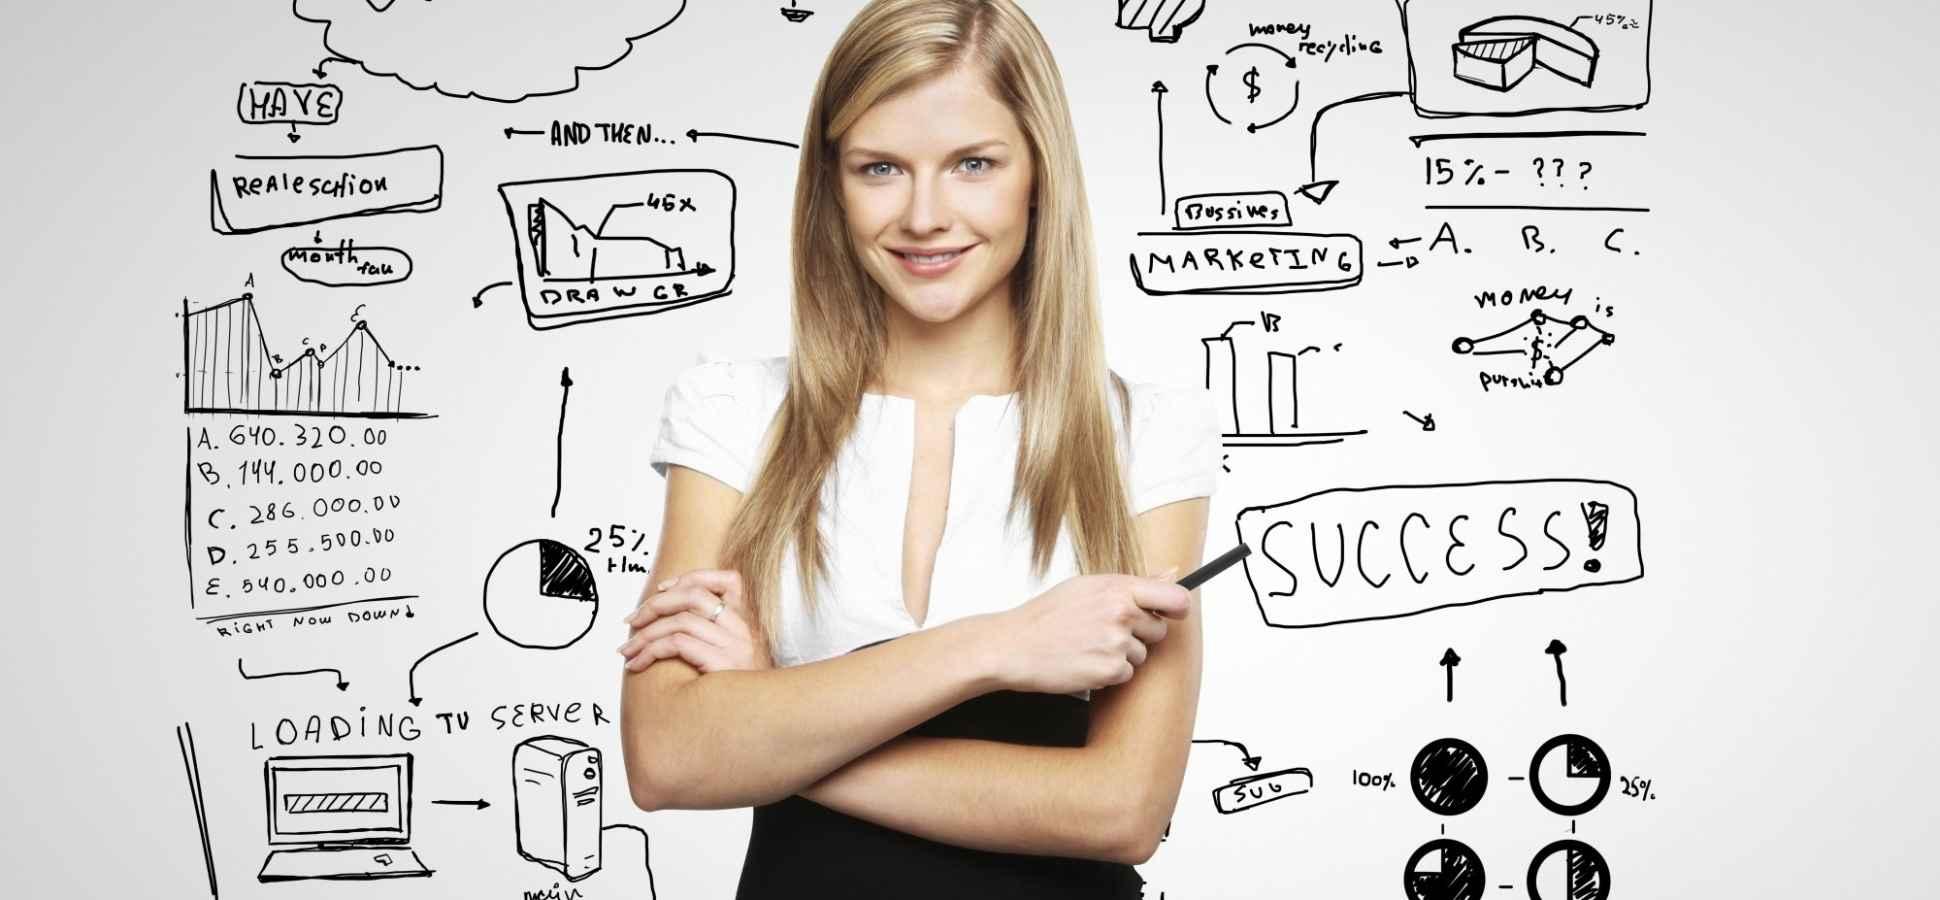 5 Smart Tactics That Help Women Leaders Succee